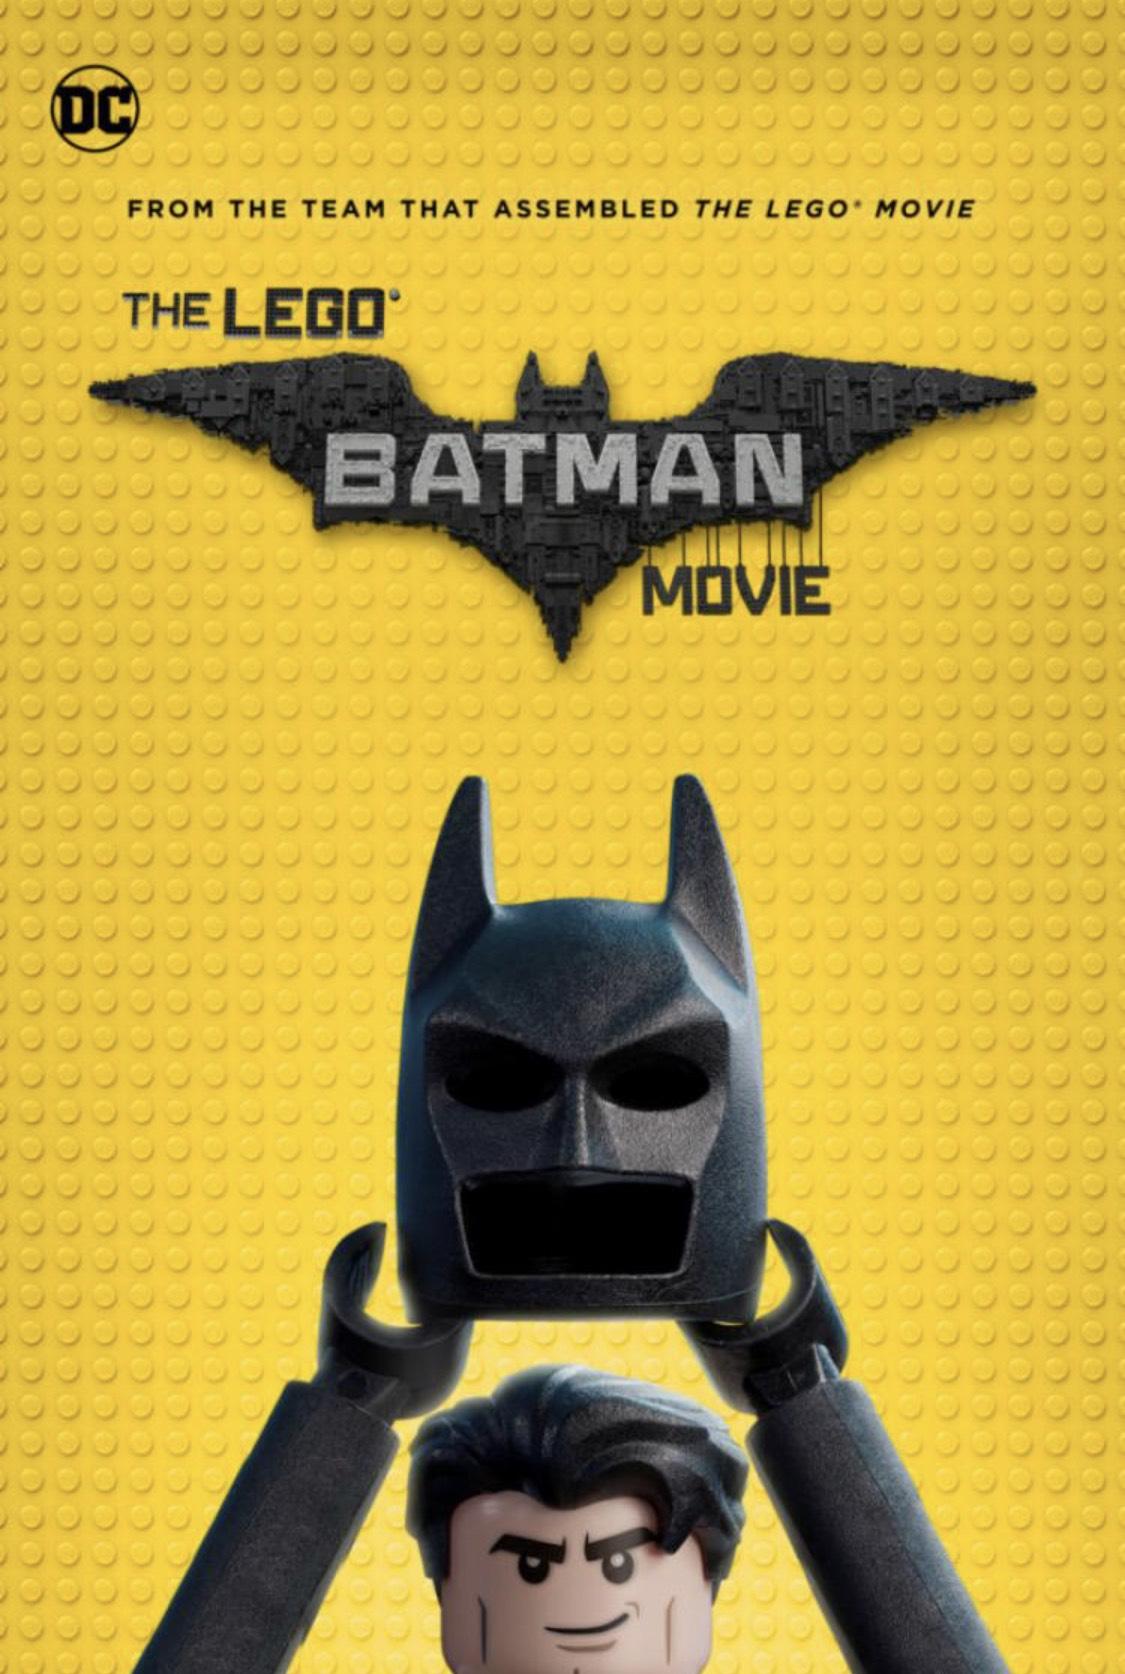 [iTunes] Lego Batman Movie (mit 4K, Dolby Vision, Dolby Atmos, mit OV) für 3,99 zum Kauf